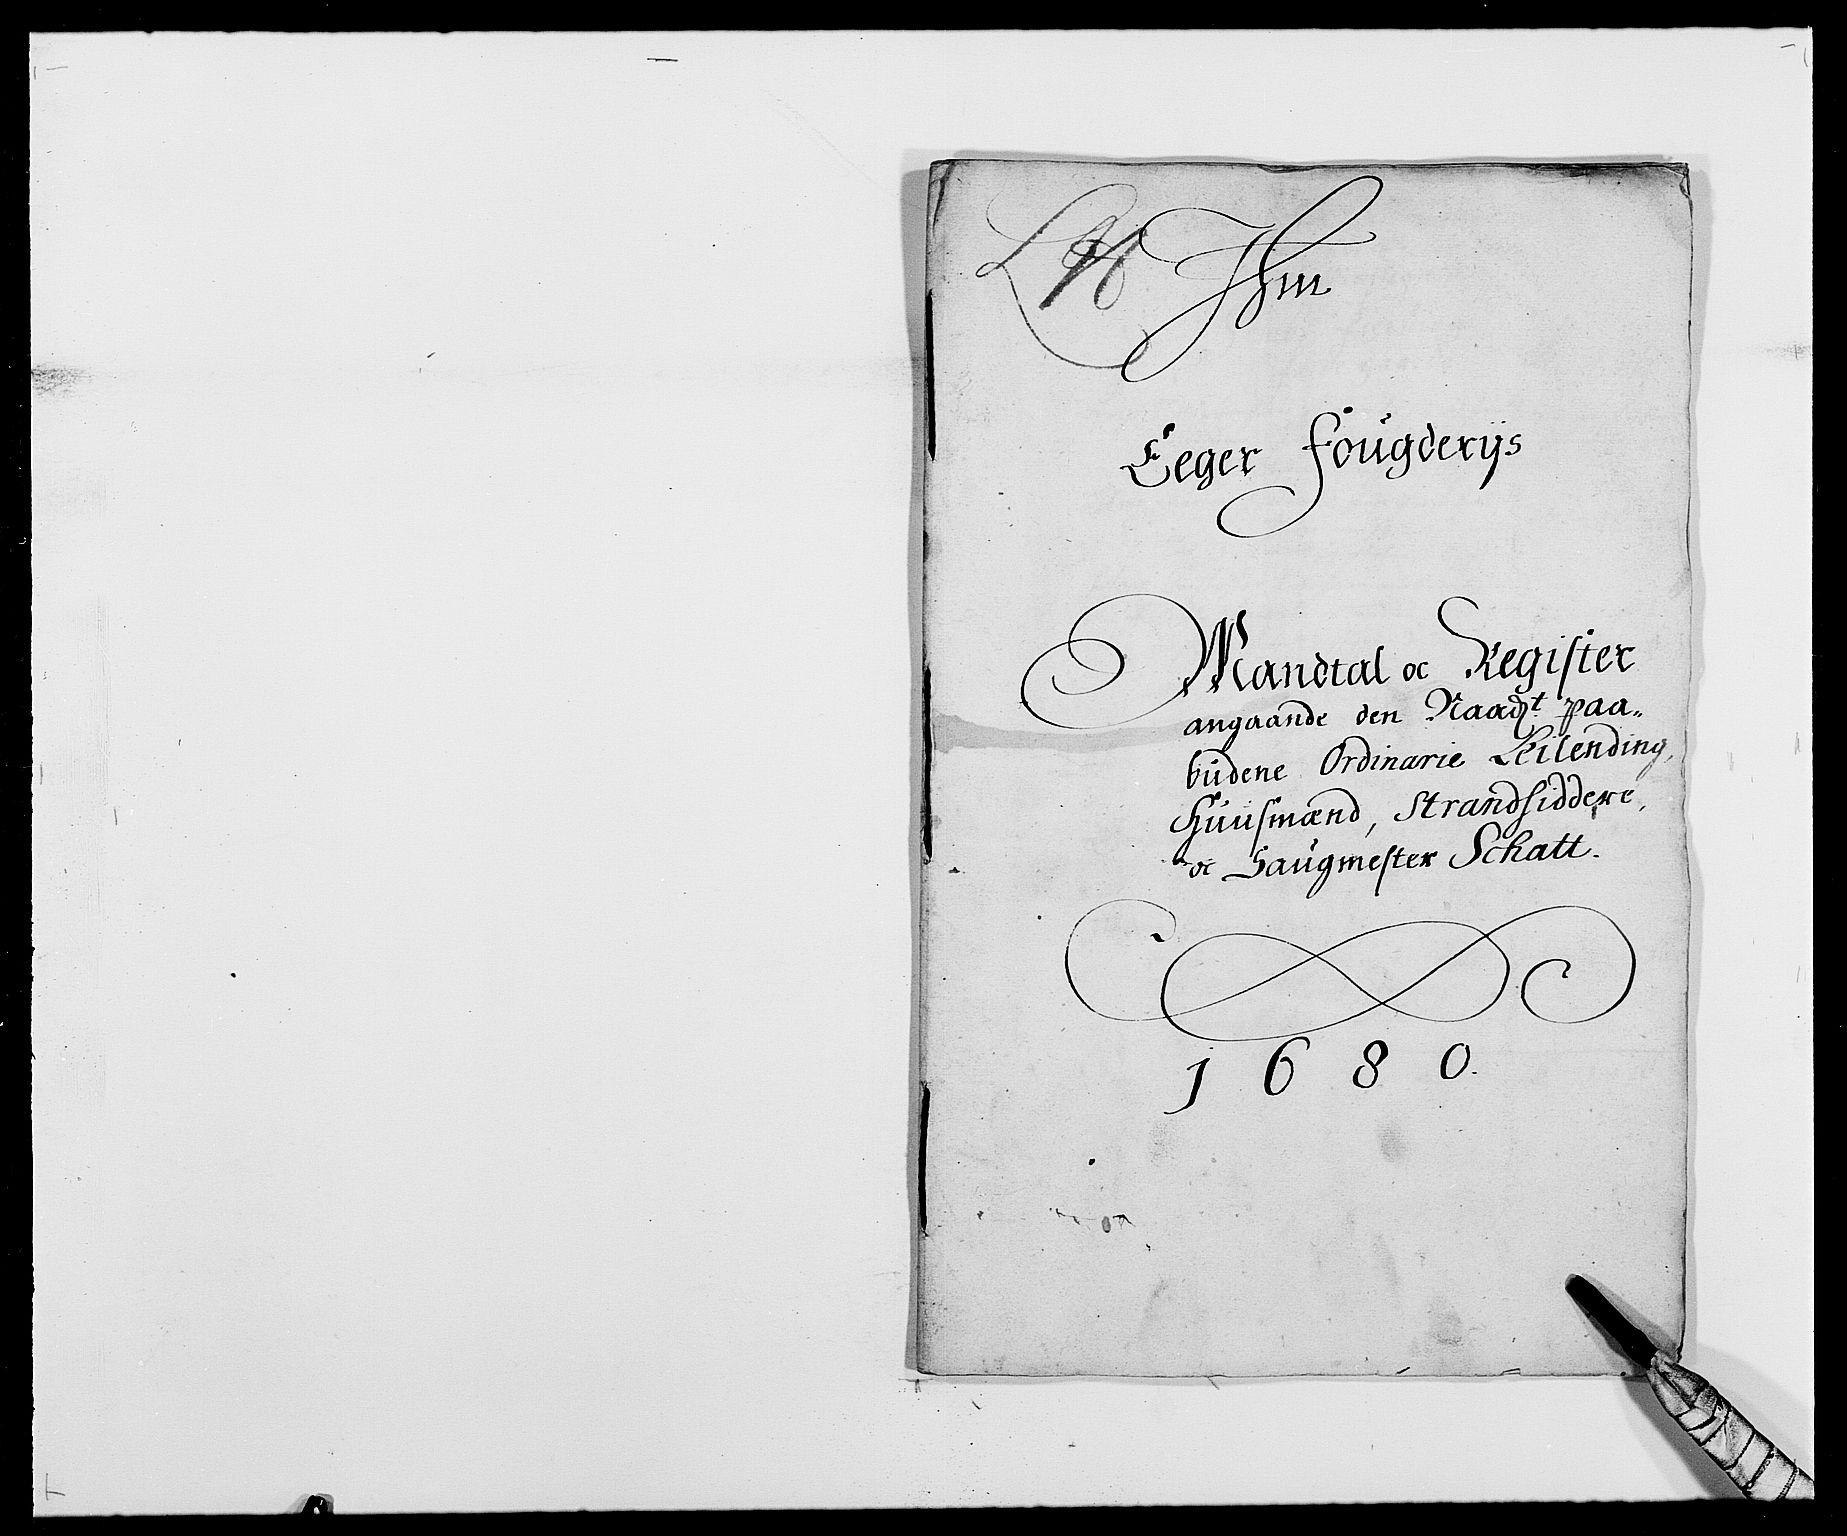 RA, Rentekammeret inntil 1814, Reviderte regnskaper, Fogderegnskap, R26/L1684: Fogderegnskap Eiker, 1679-1686, s. 114